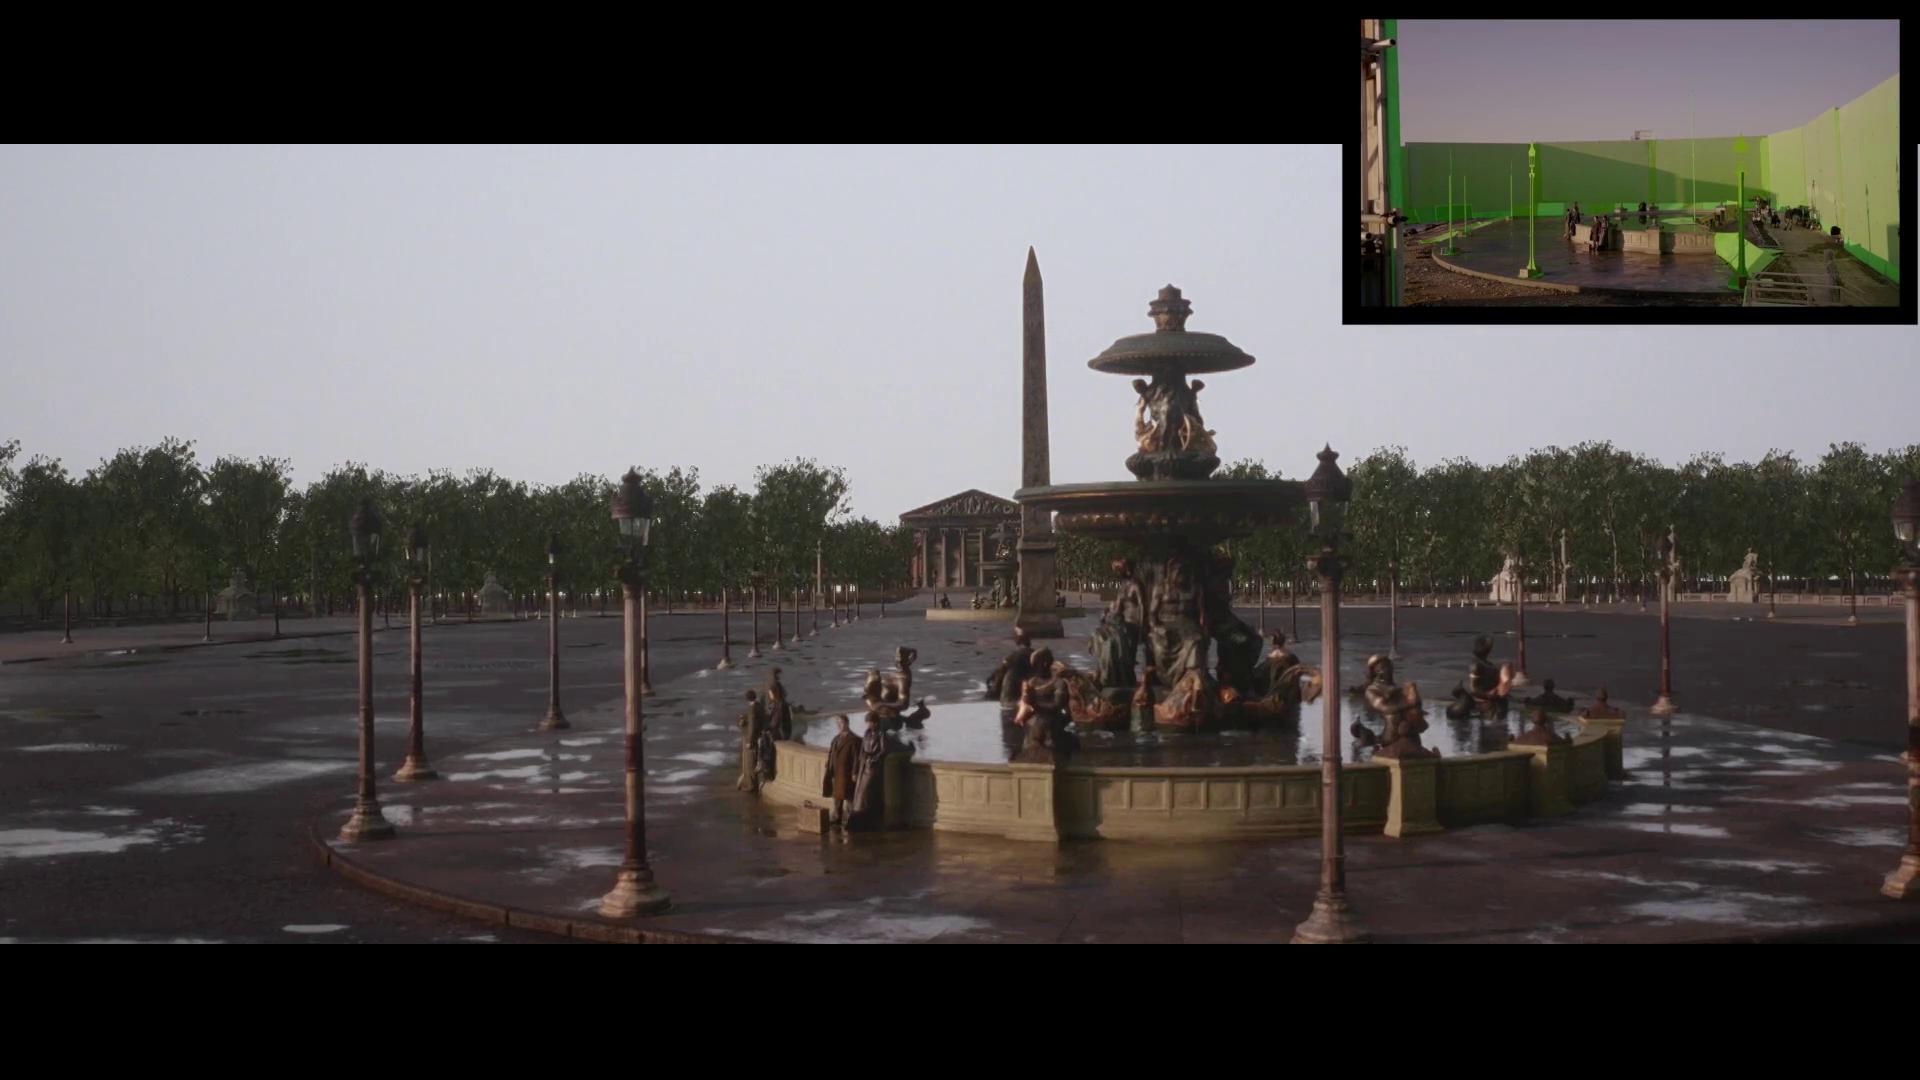 Plano geral da cena mostra a praça e, ao fundo, árvores. No canto da tela, aparece como a cena foi filmada, com tela verde.